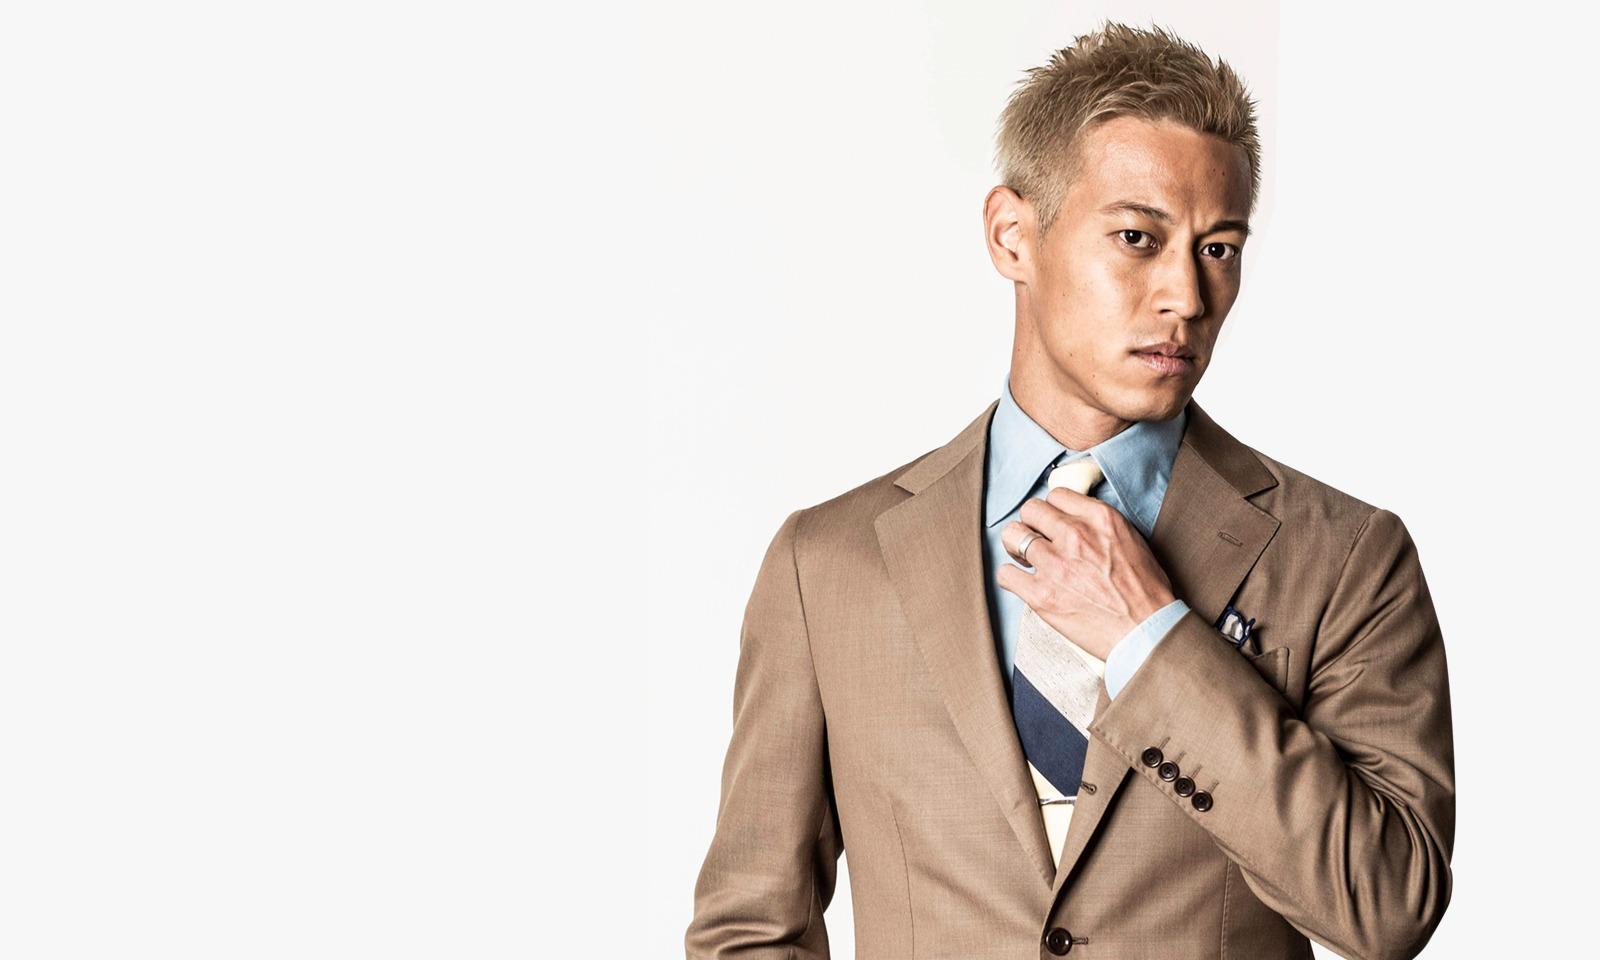 本田圭佑氏がビジネス界におけるプロ契約サービス・キャリーミーのアンバサダーに就任!